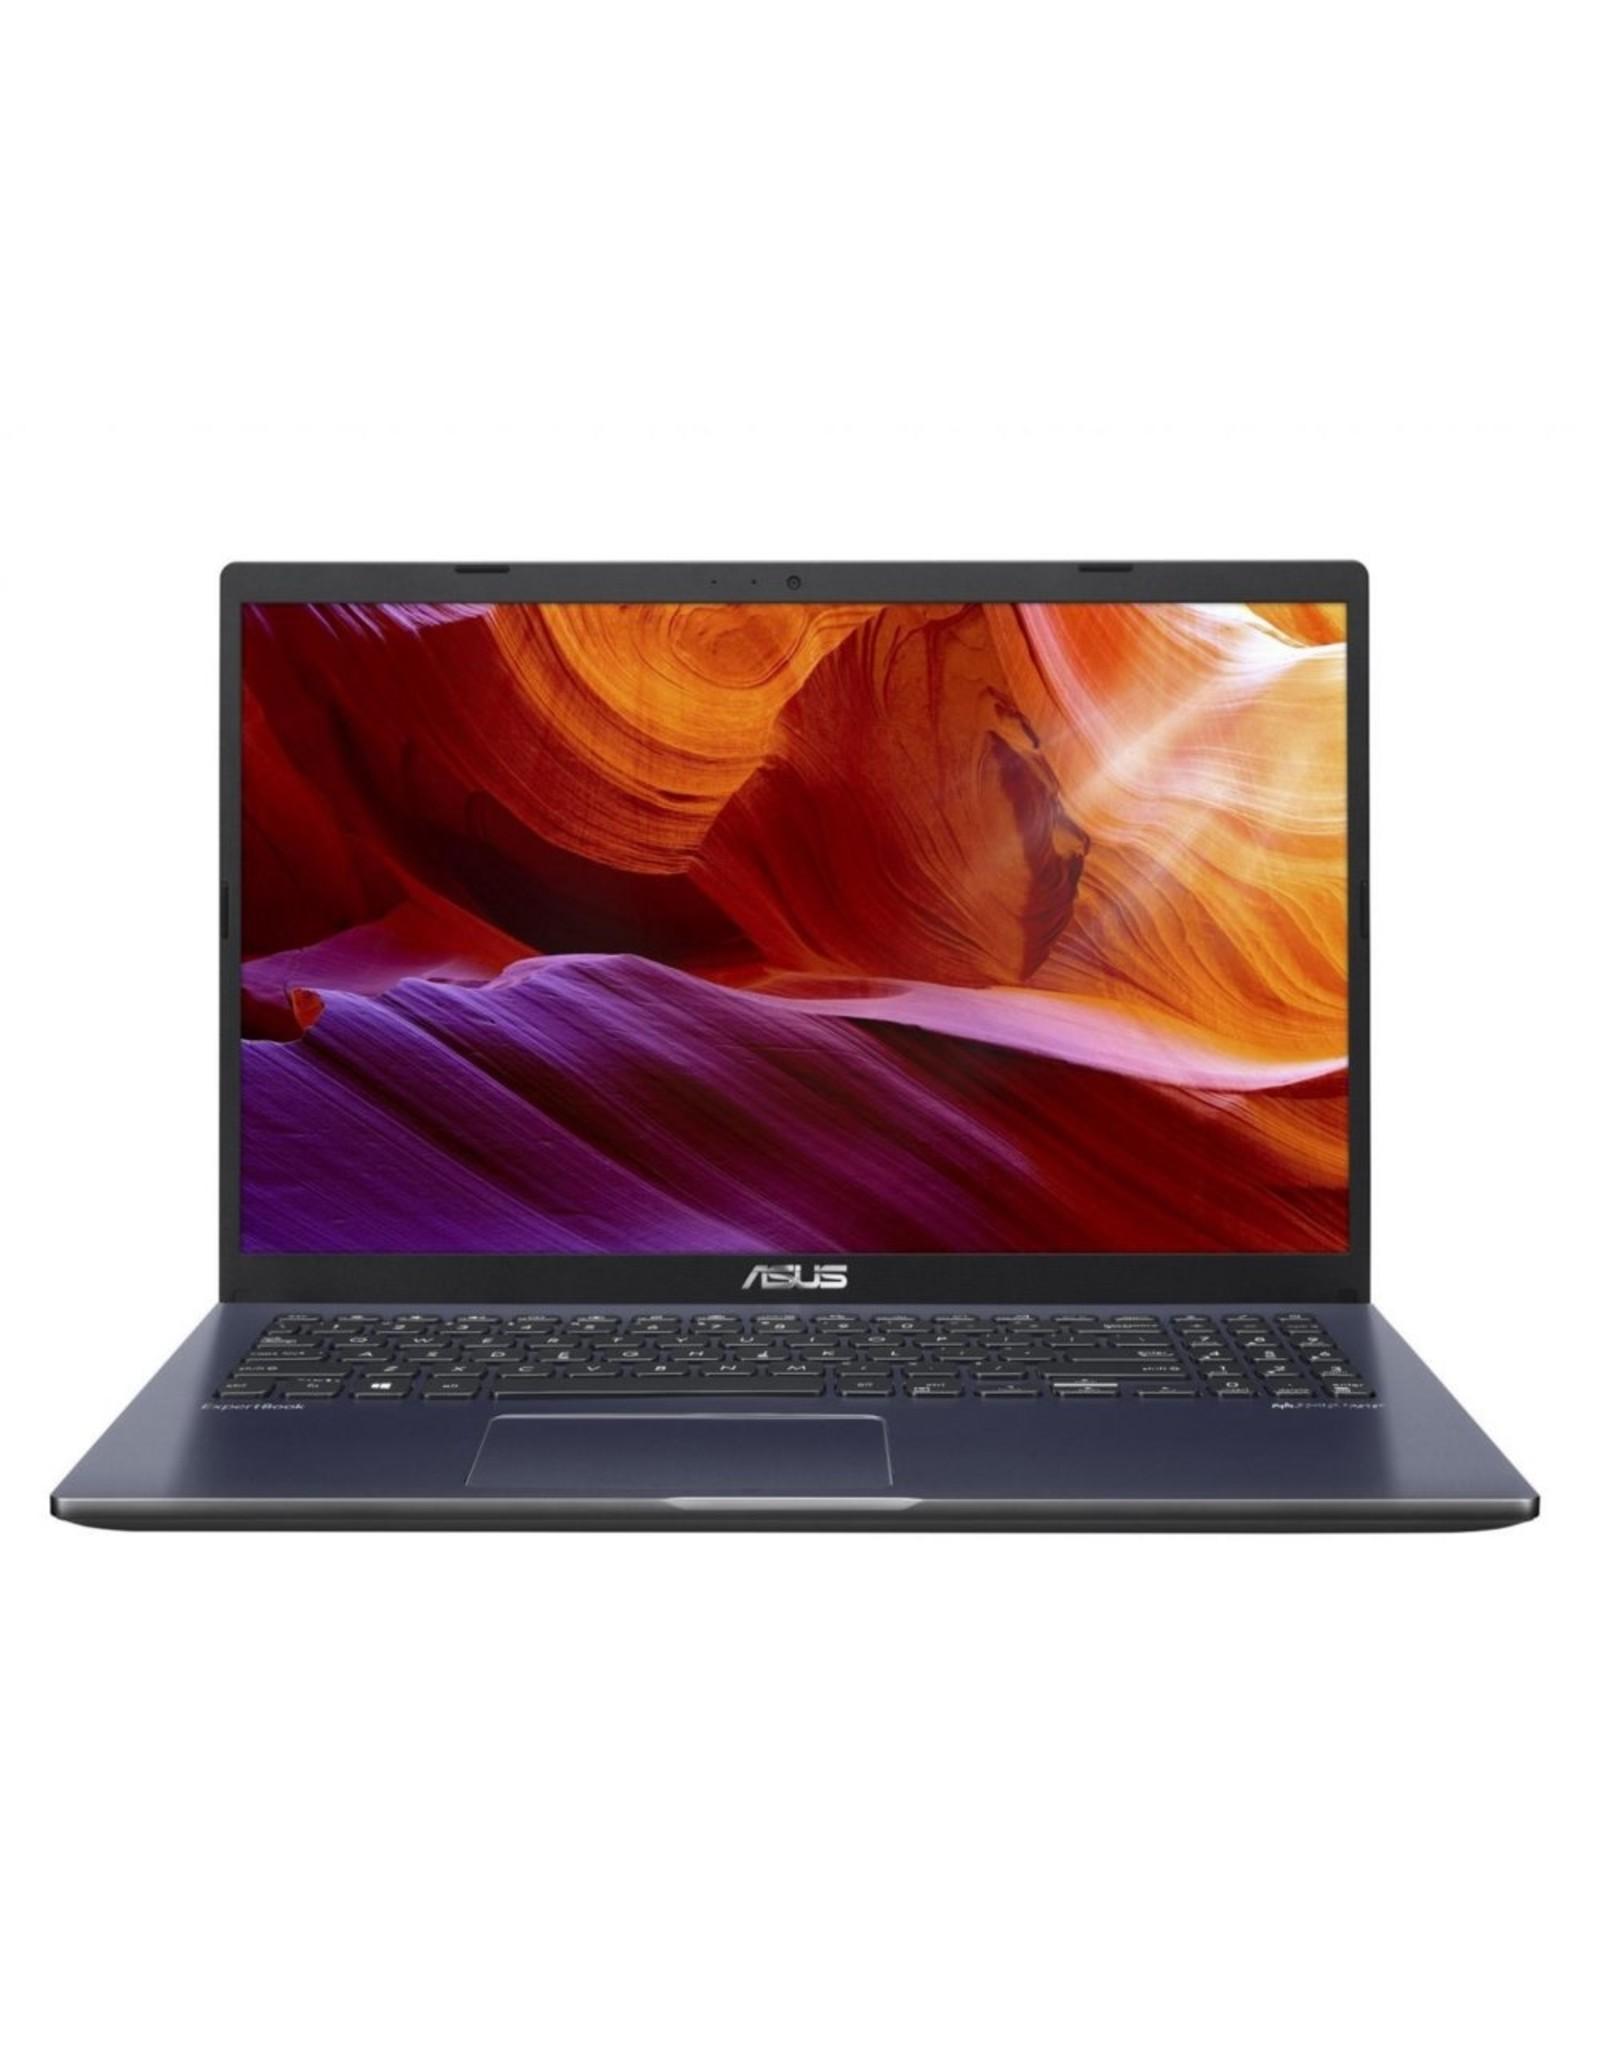 Asus Expertbook 15.6 F-HD i5-1035G 8GB 512GB / W10